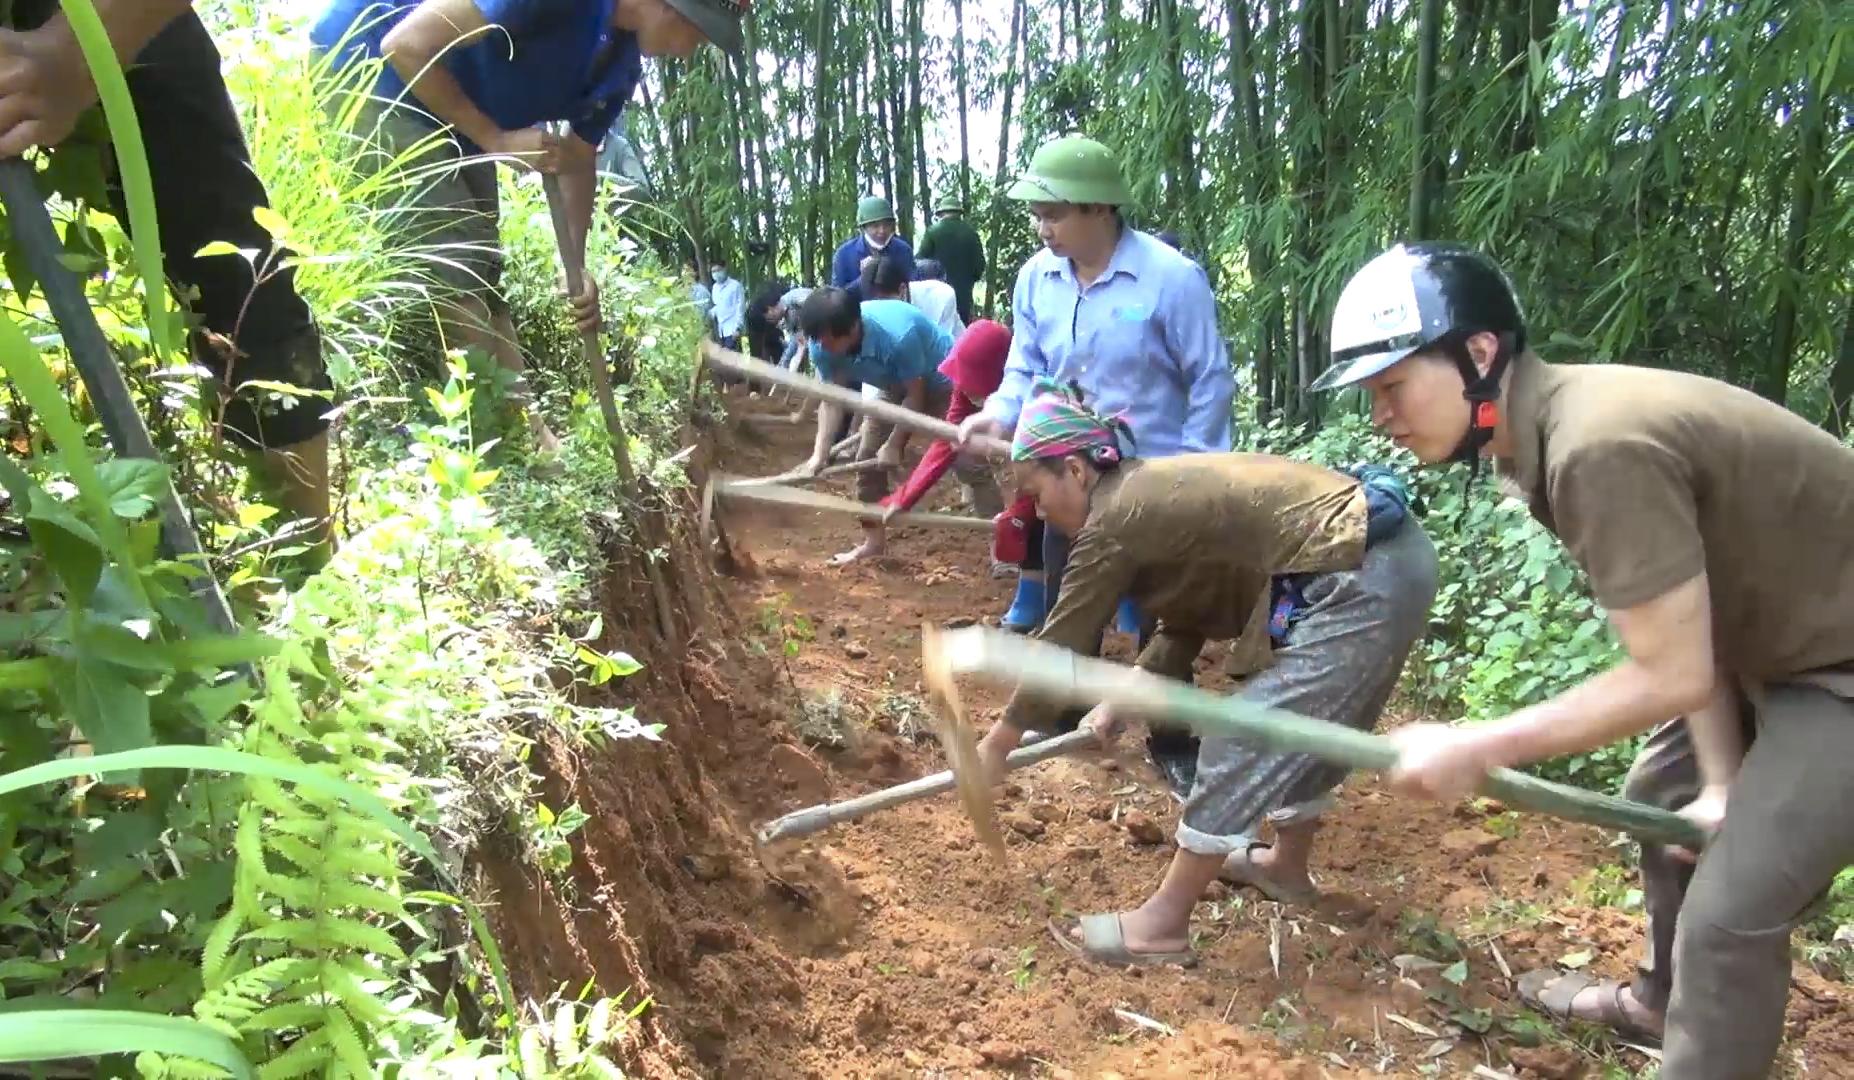 Điểm sáng trong xây dựng nông thôn mới ở xã nghèo vùng biên - Ảnh 4.